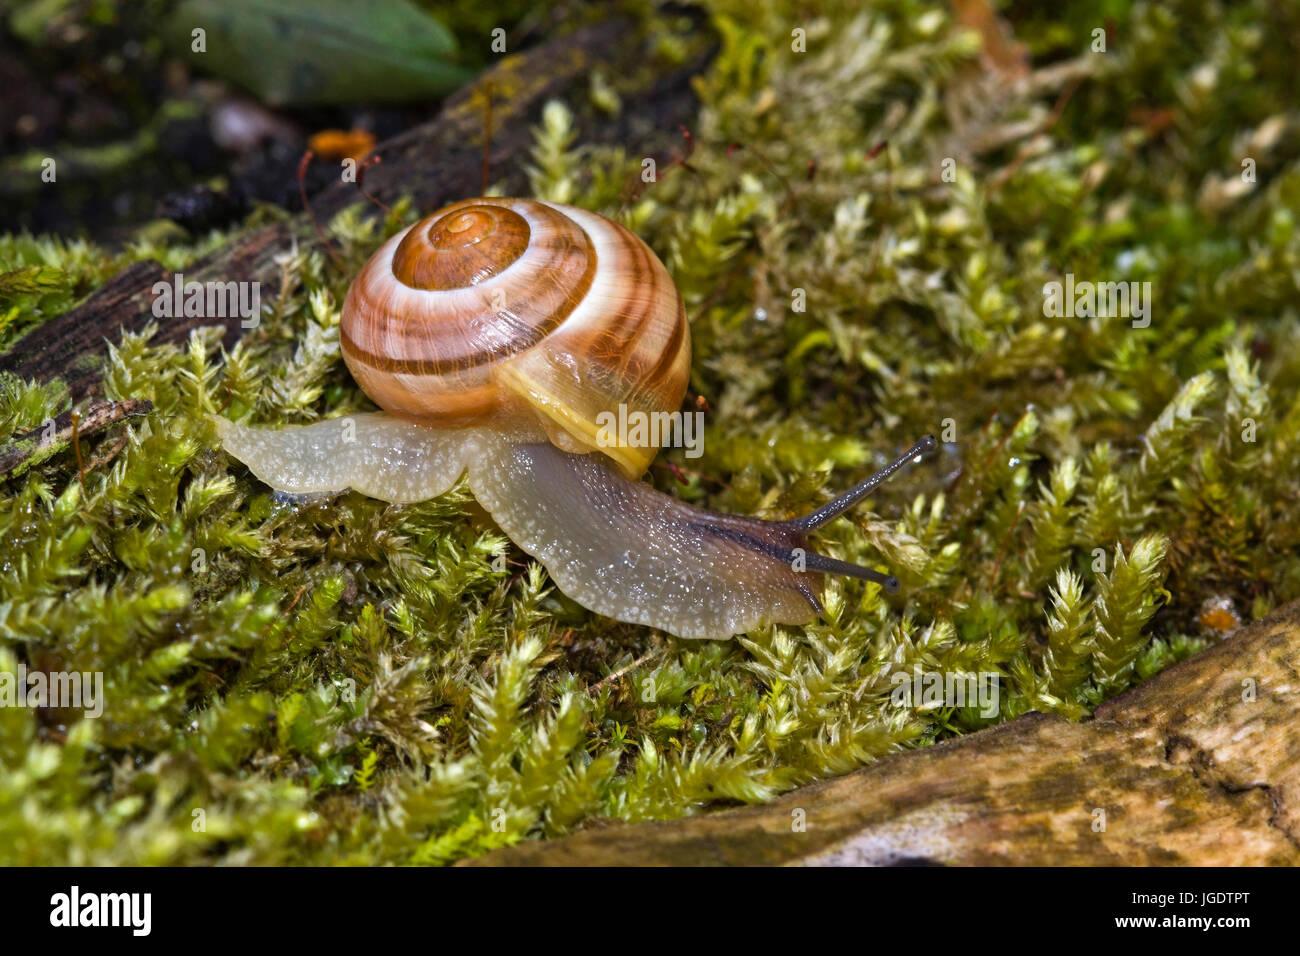 Garden Tape Snail Cepaea Hortensis Garten Bänderschnecke Cepaea